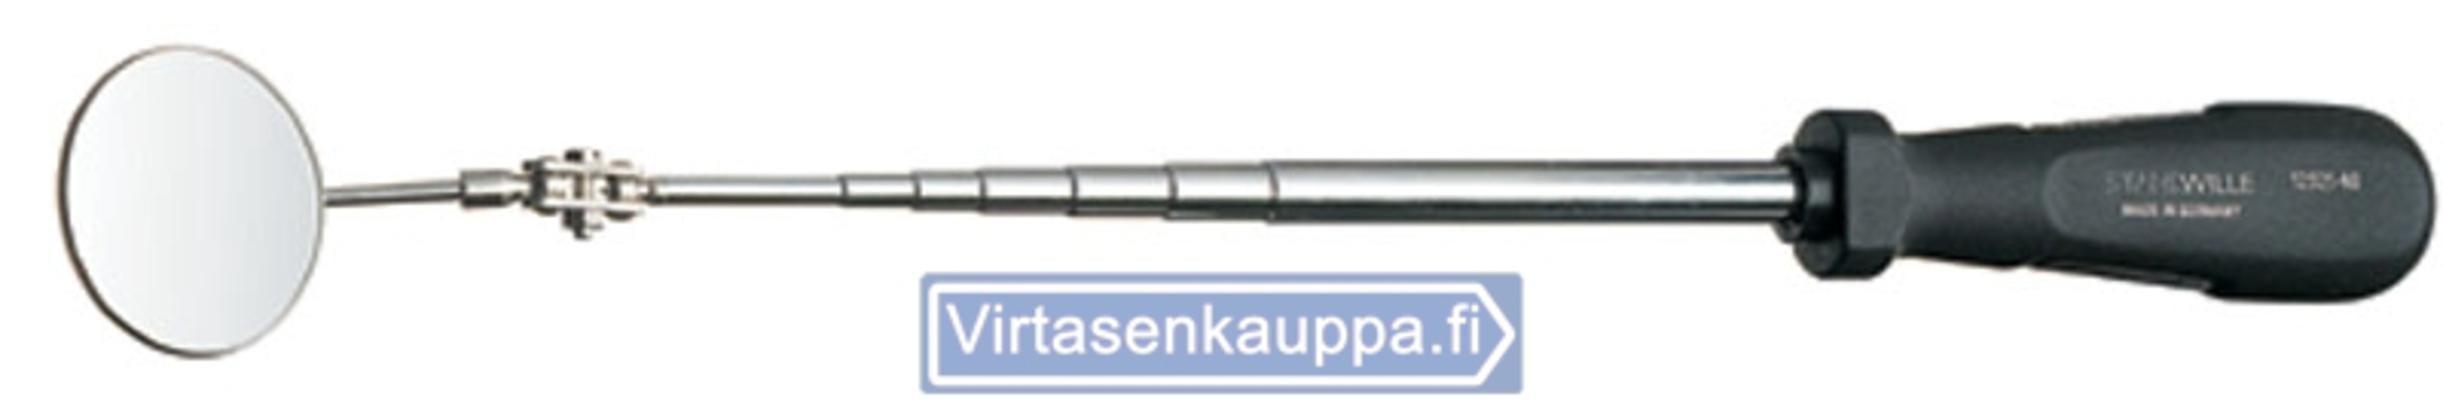 Tarkistuspeili + varsi, 30 mm - Stahlwille - Tarkistuspeili + varsi, 30 mm